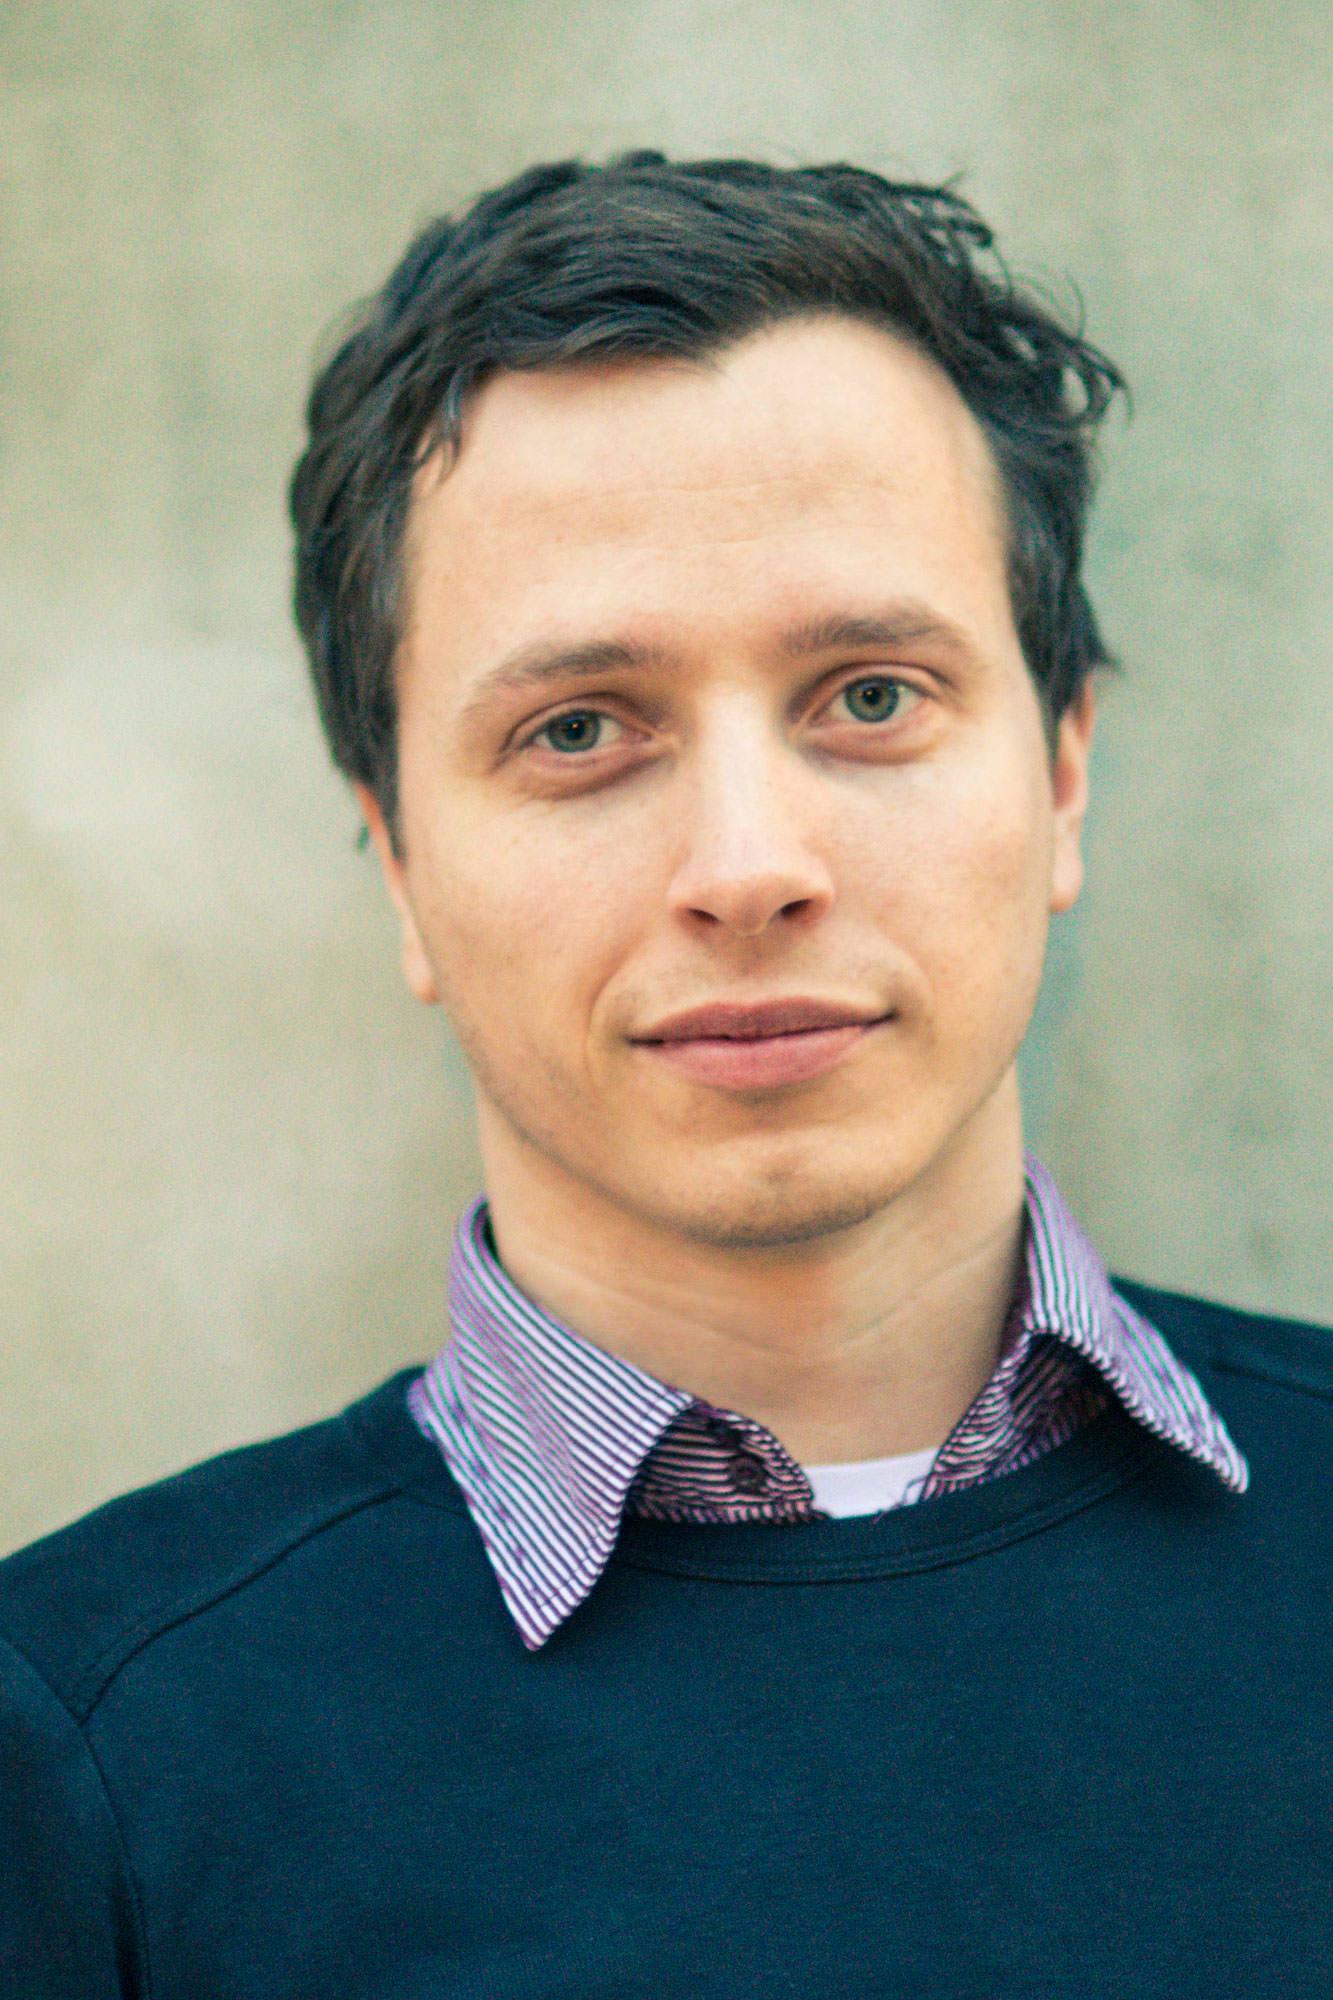 Nico Herzog